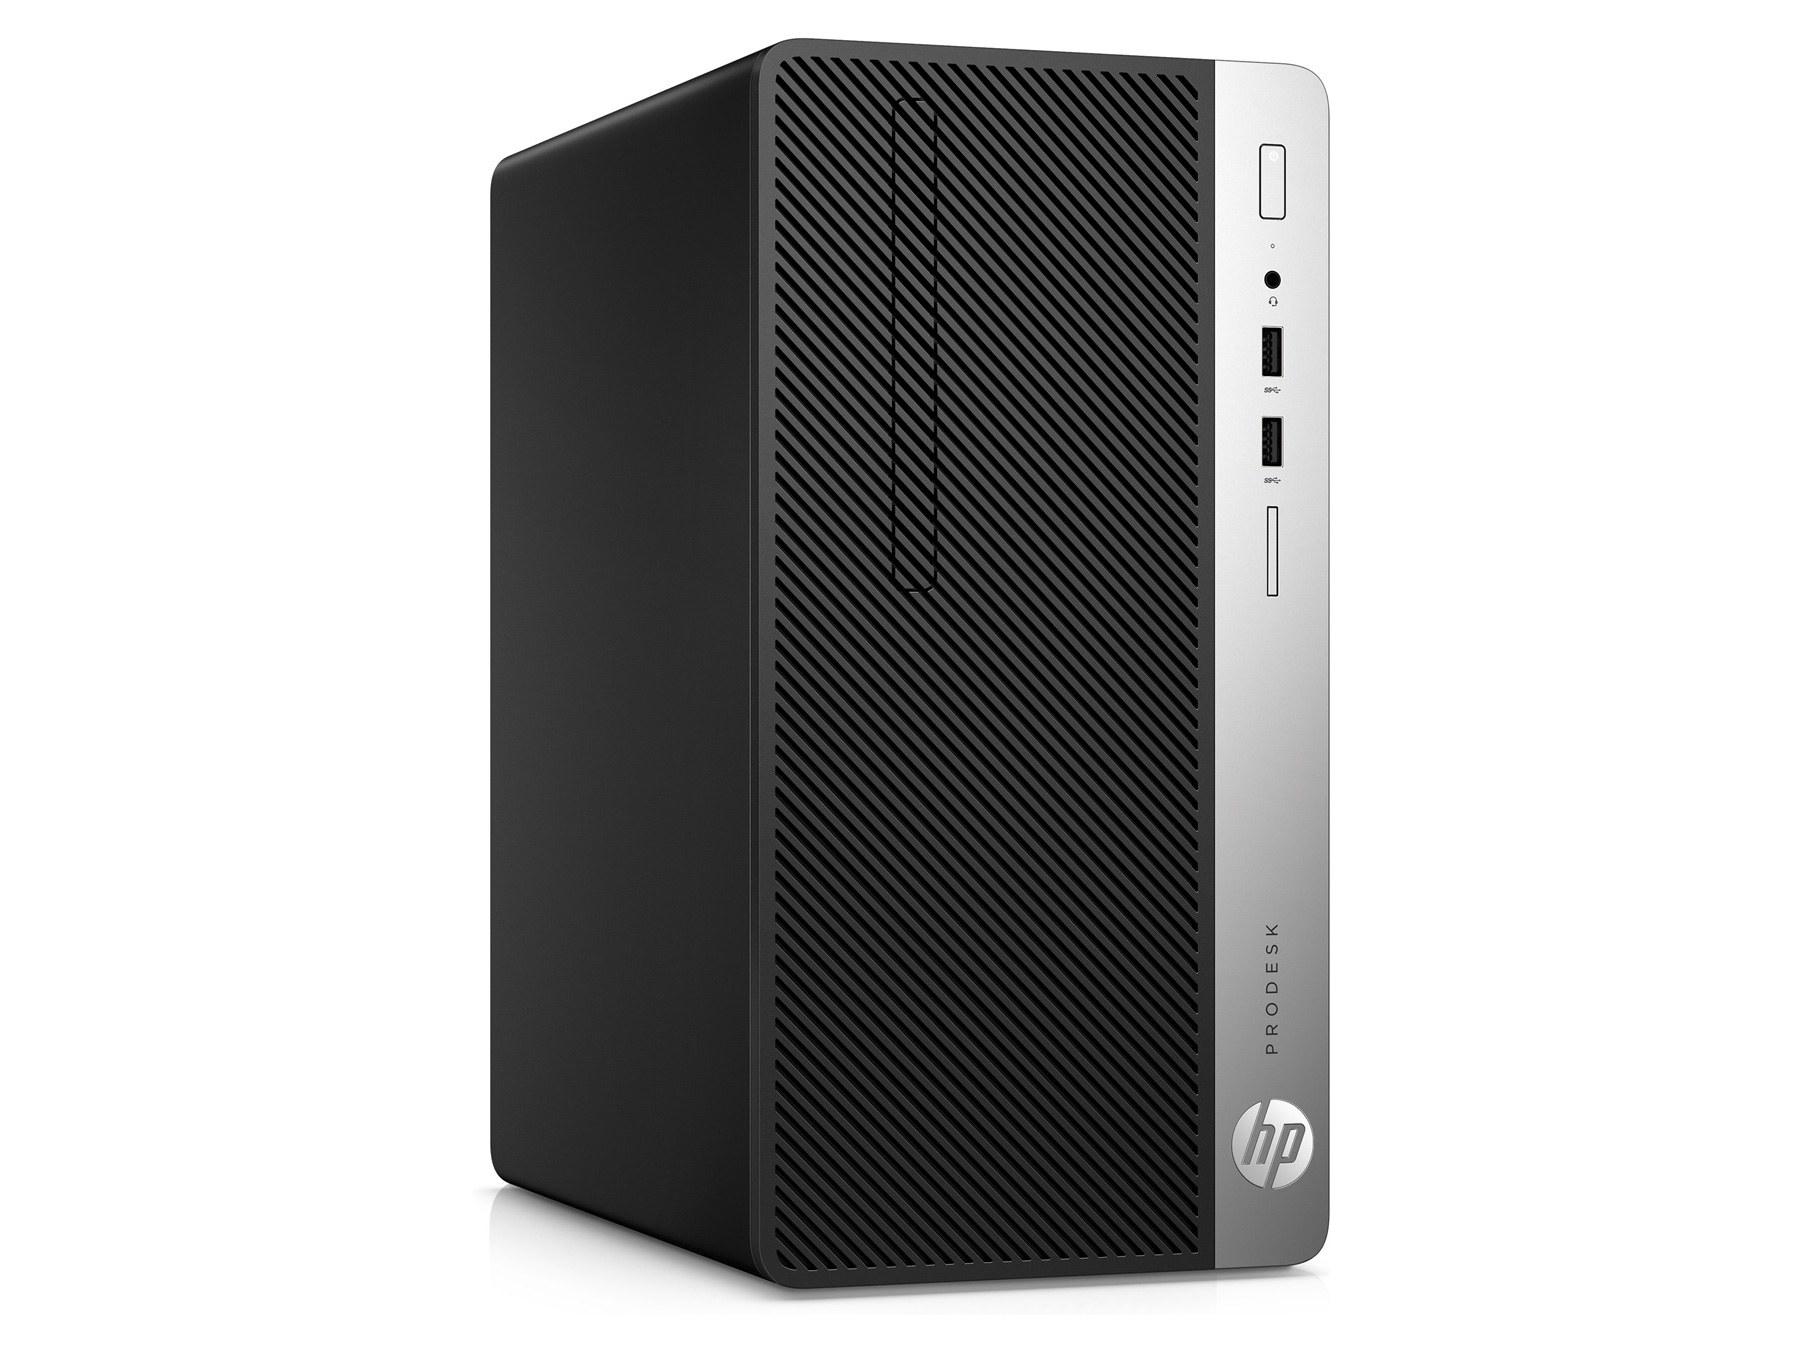 Máy tính để bàn HP ProDesk 400 G4 (1HT55PA) Microtower